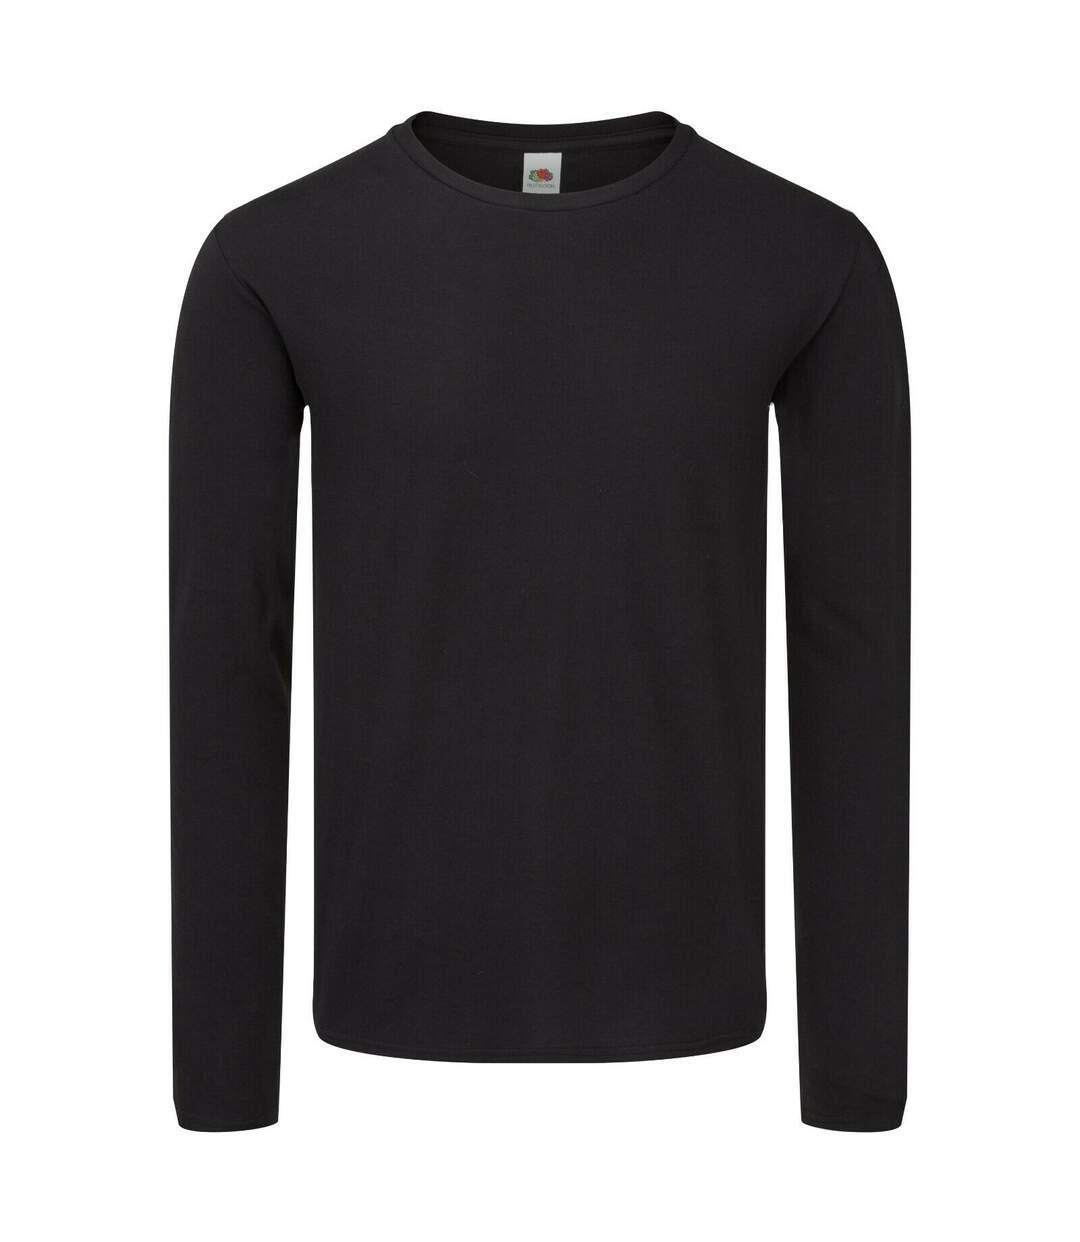 Fruit of the Loom Mens Iconic 150 Long-Sleeved T-Shirt (Dark Navy) - UTRW7739